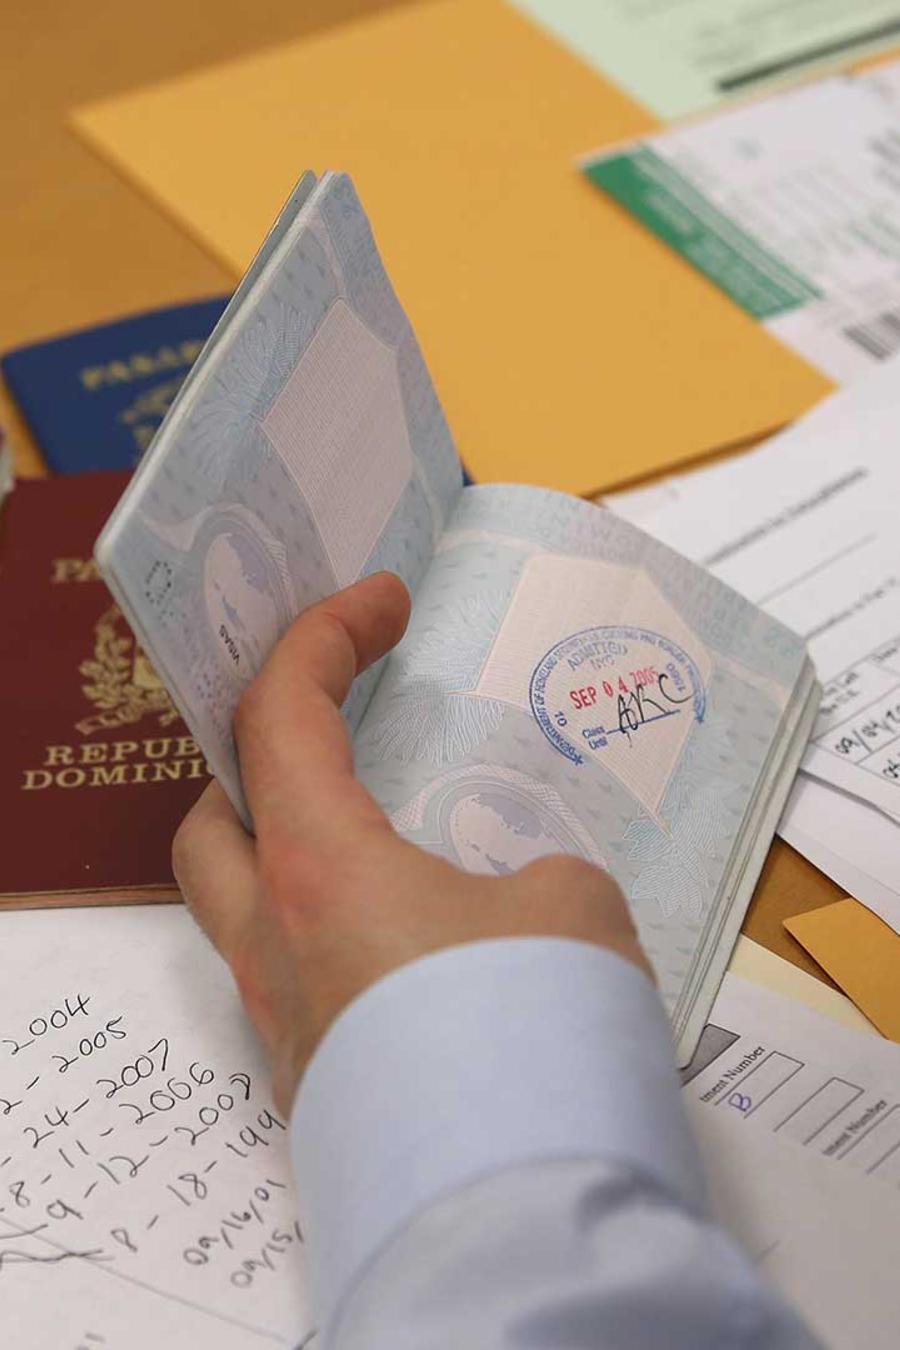 inmigracion revisara documentos